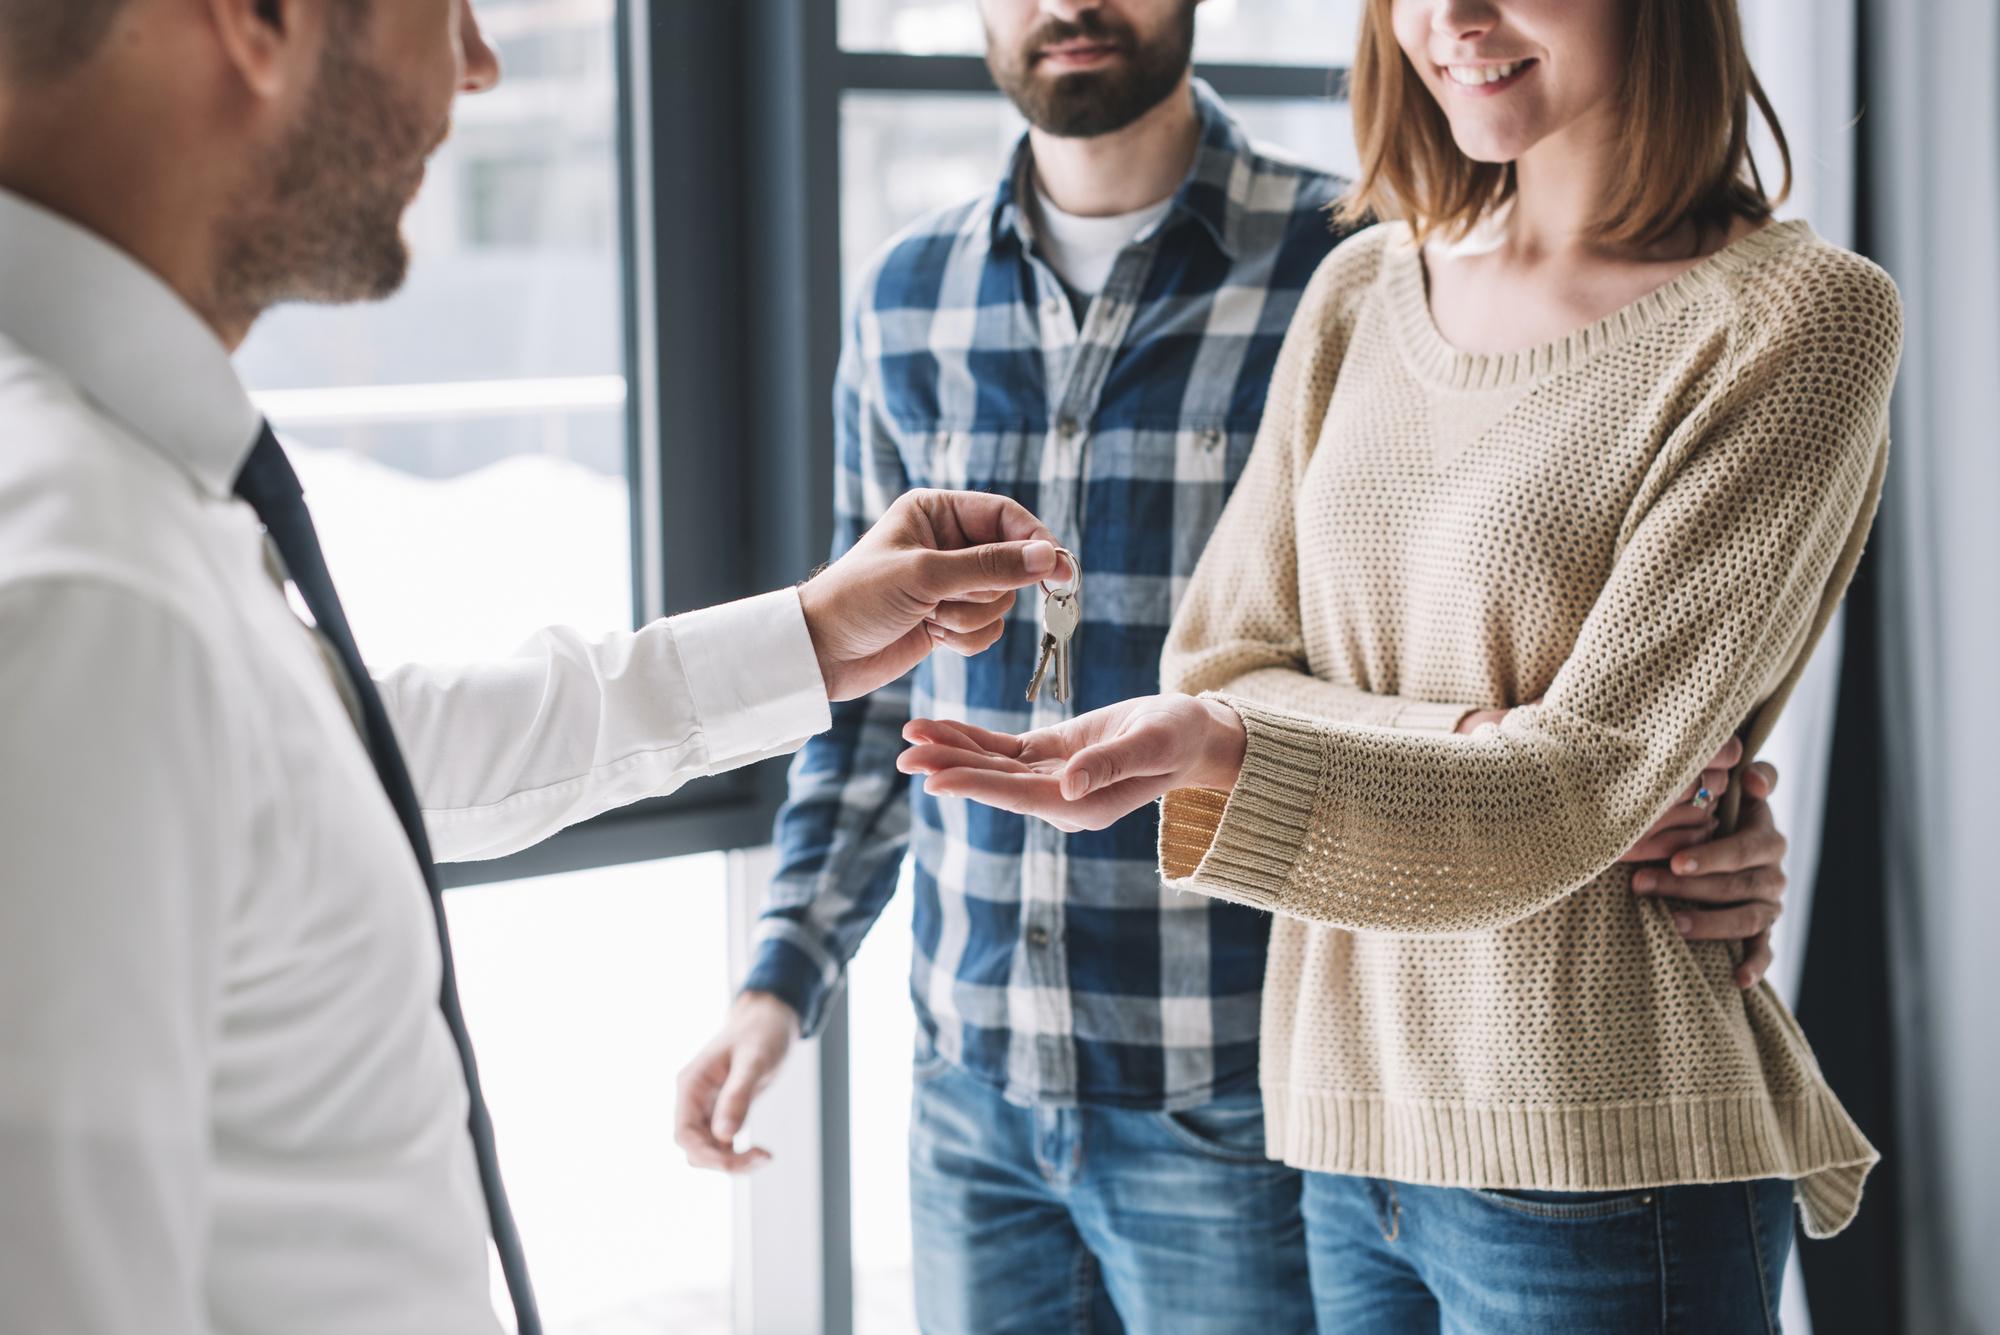 Tudo que você precisa saber sobre investir em imóveis em 2021